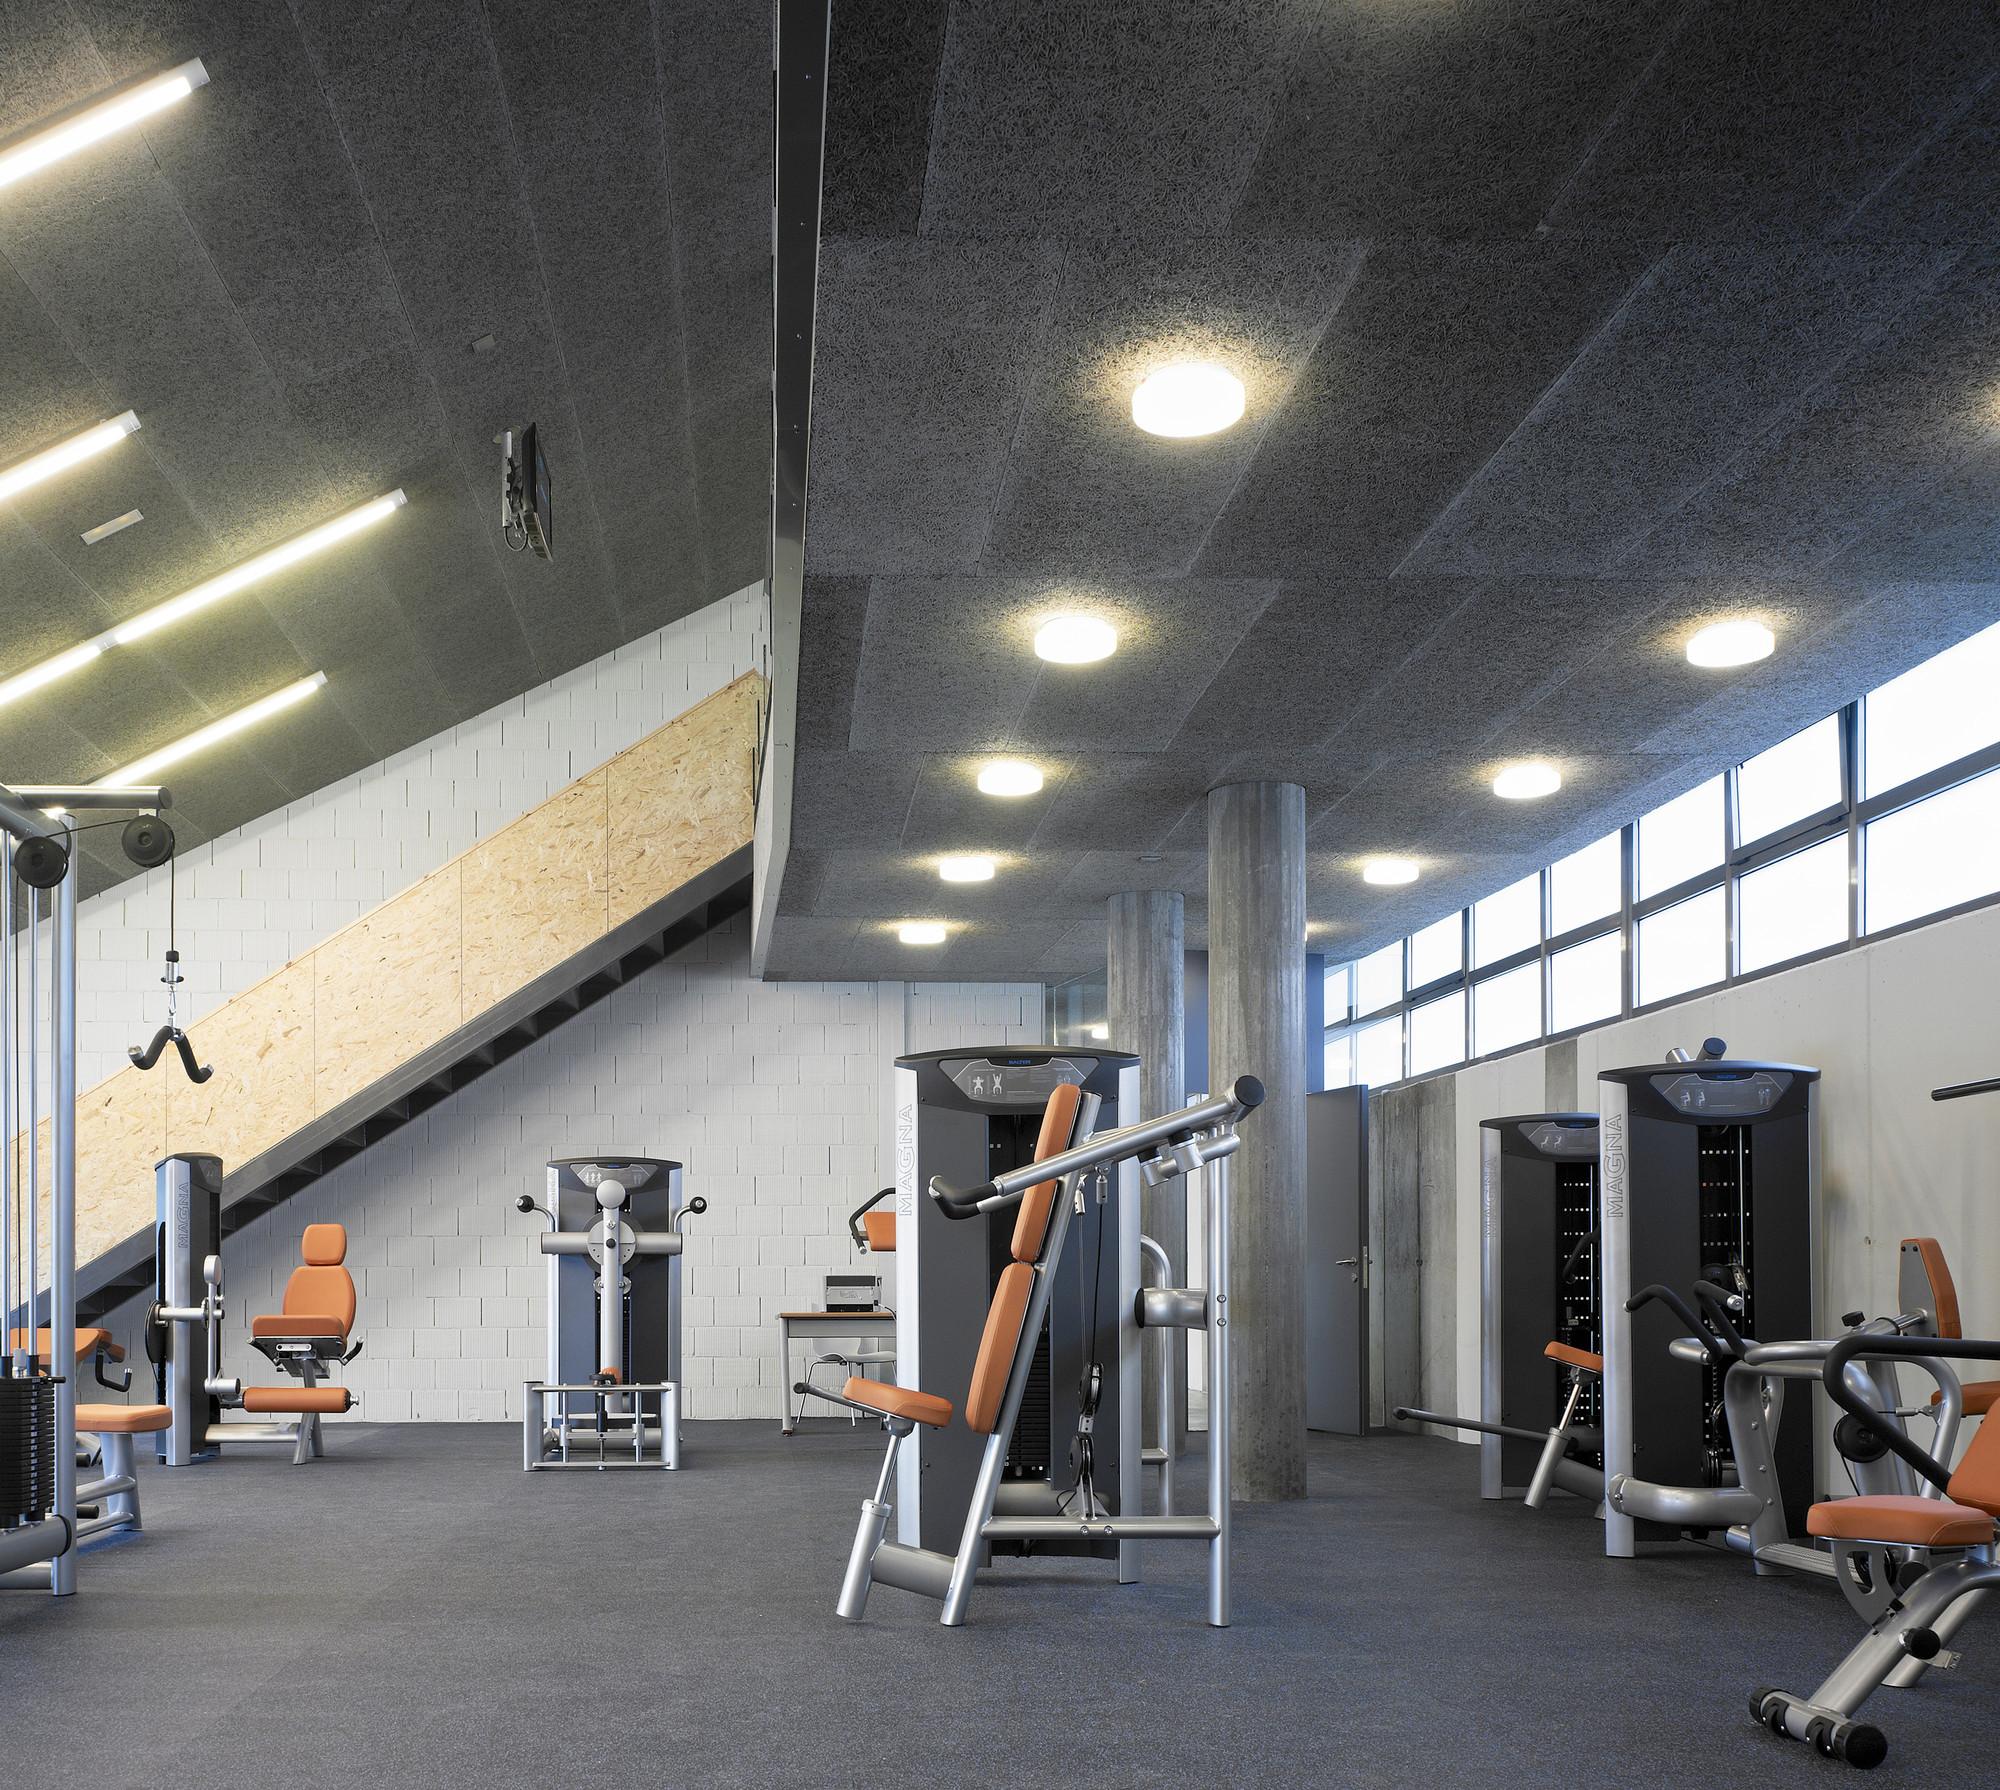 Galer a de gimnasio udc bajo gradas glf arquitectos 8 for Gimnasio 8 de octubre